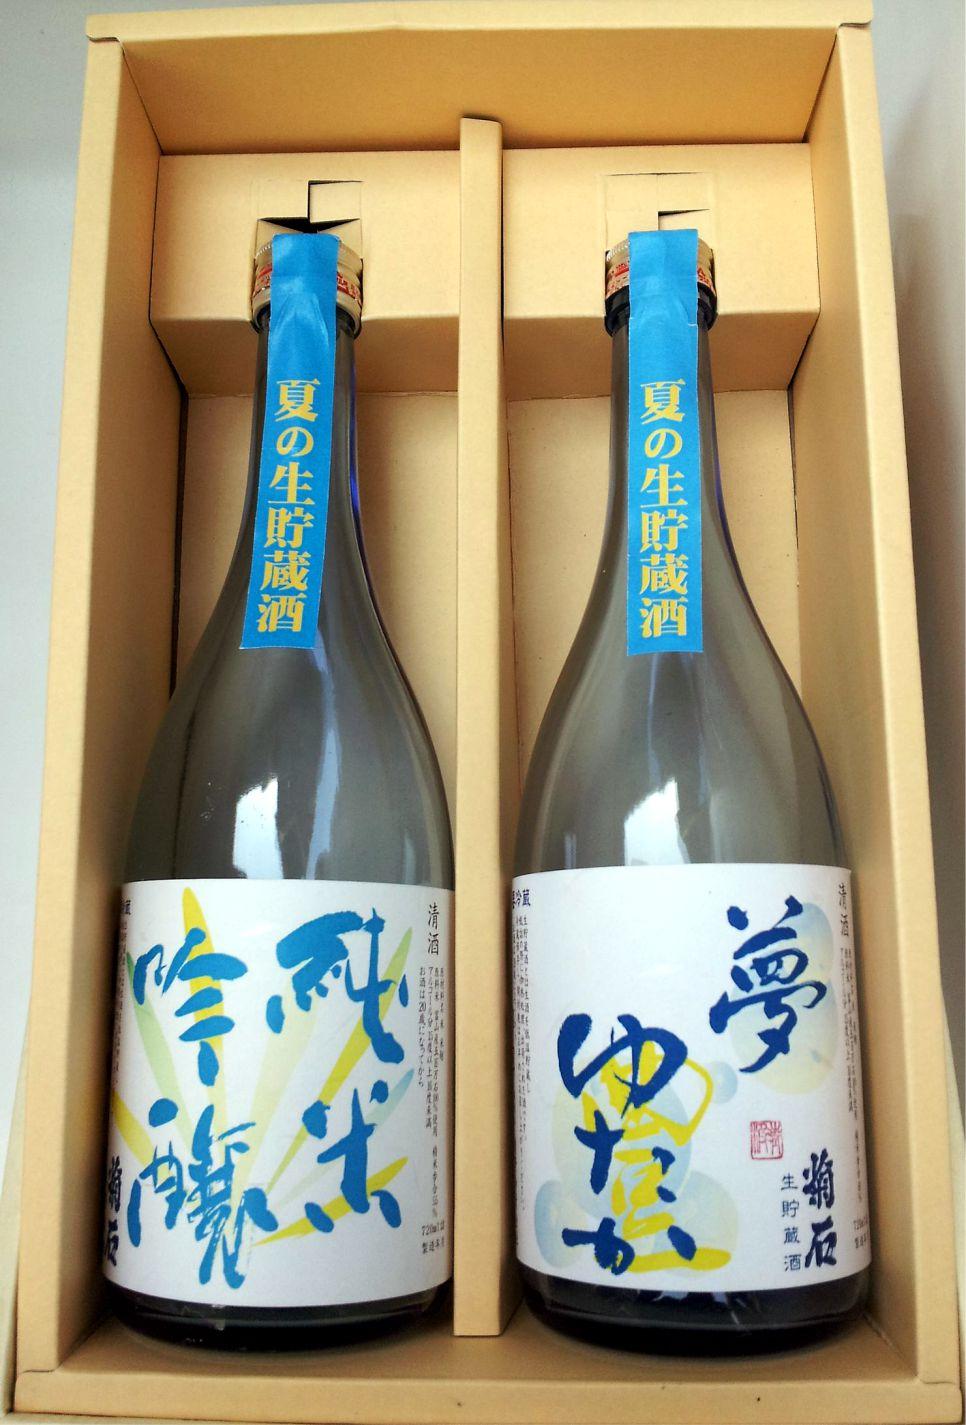 菊石夏の生貯蔵酒飲みくらべ!